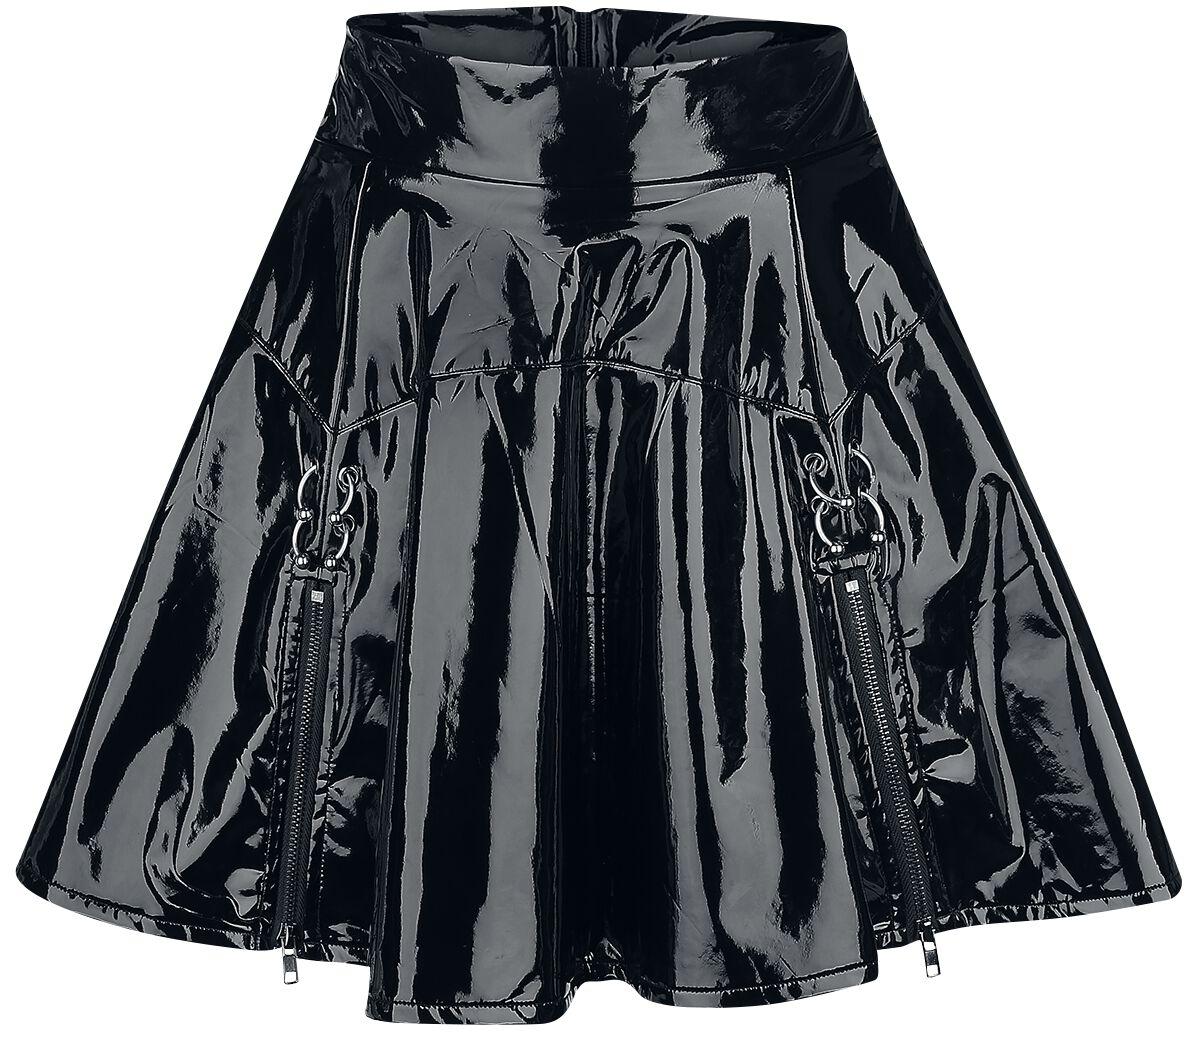 Roecke für Frauen - Banned Alternative Bondage Skirt Minirock schwarz  - Onlineshop EMP